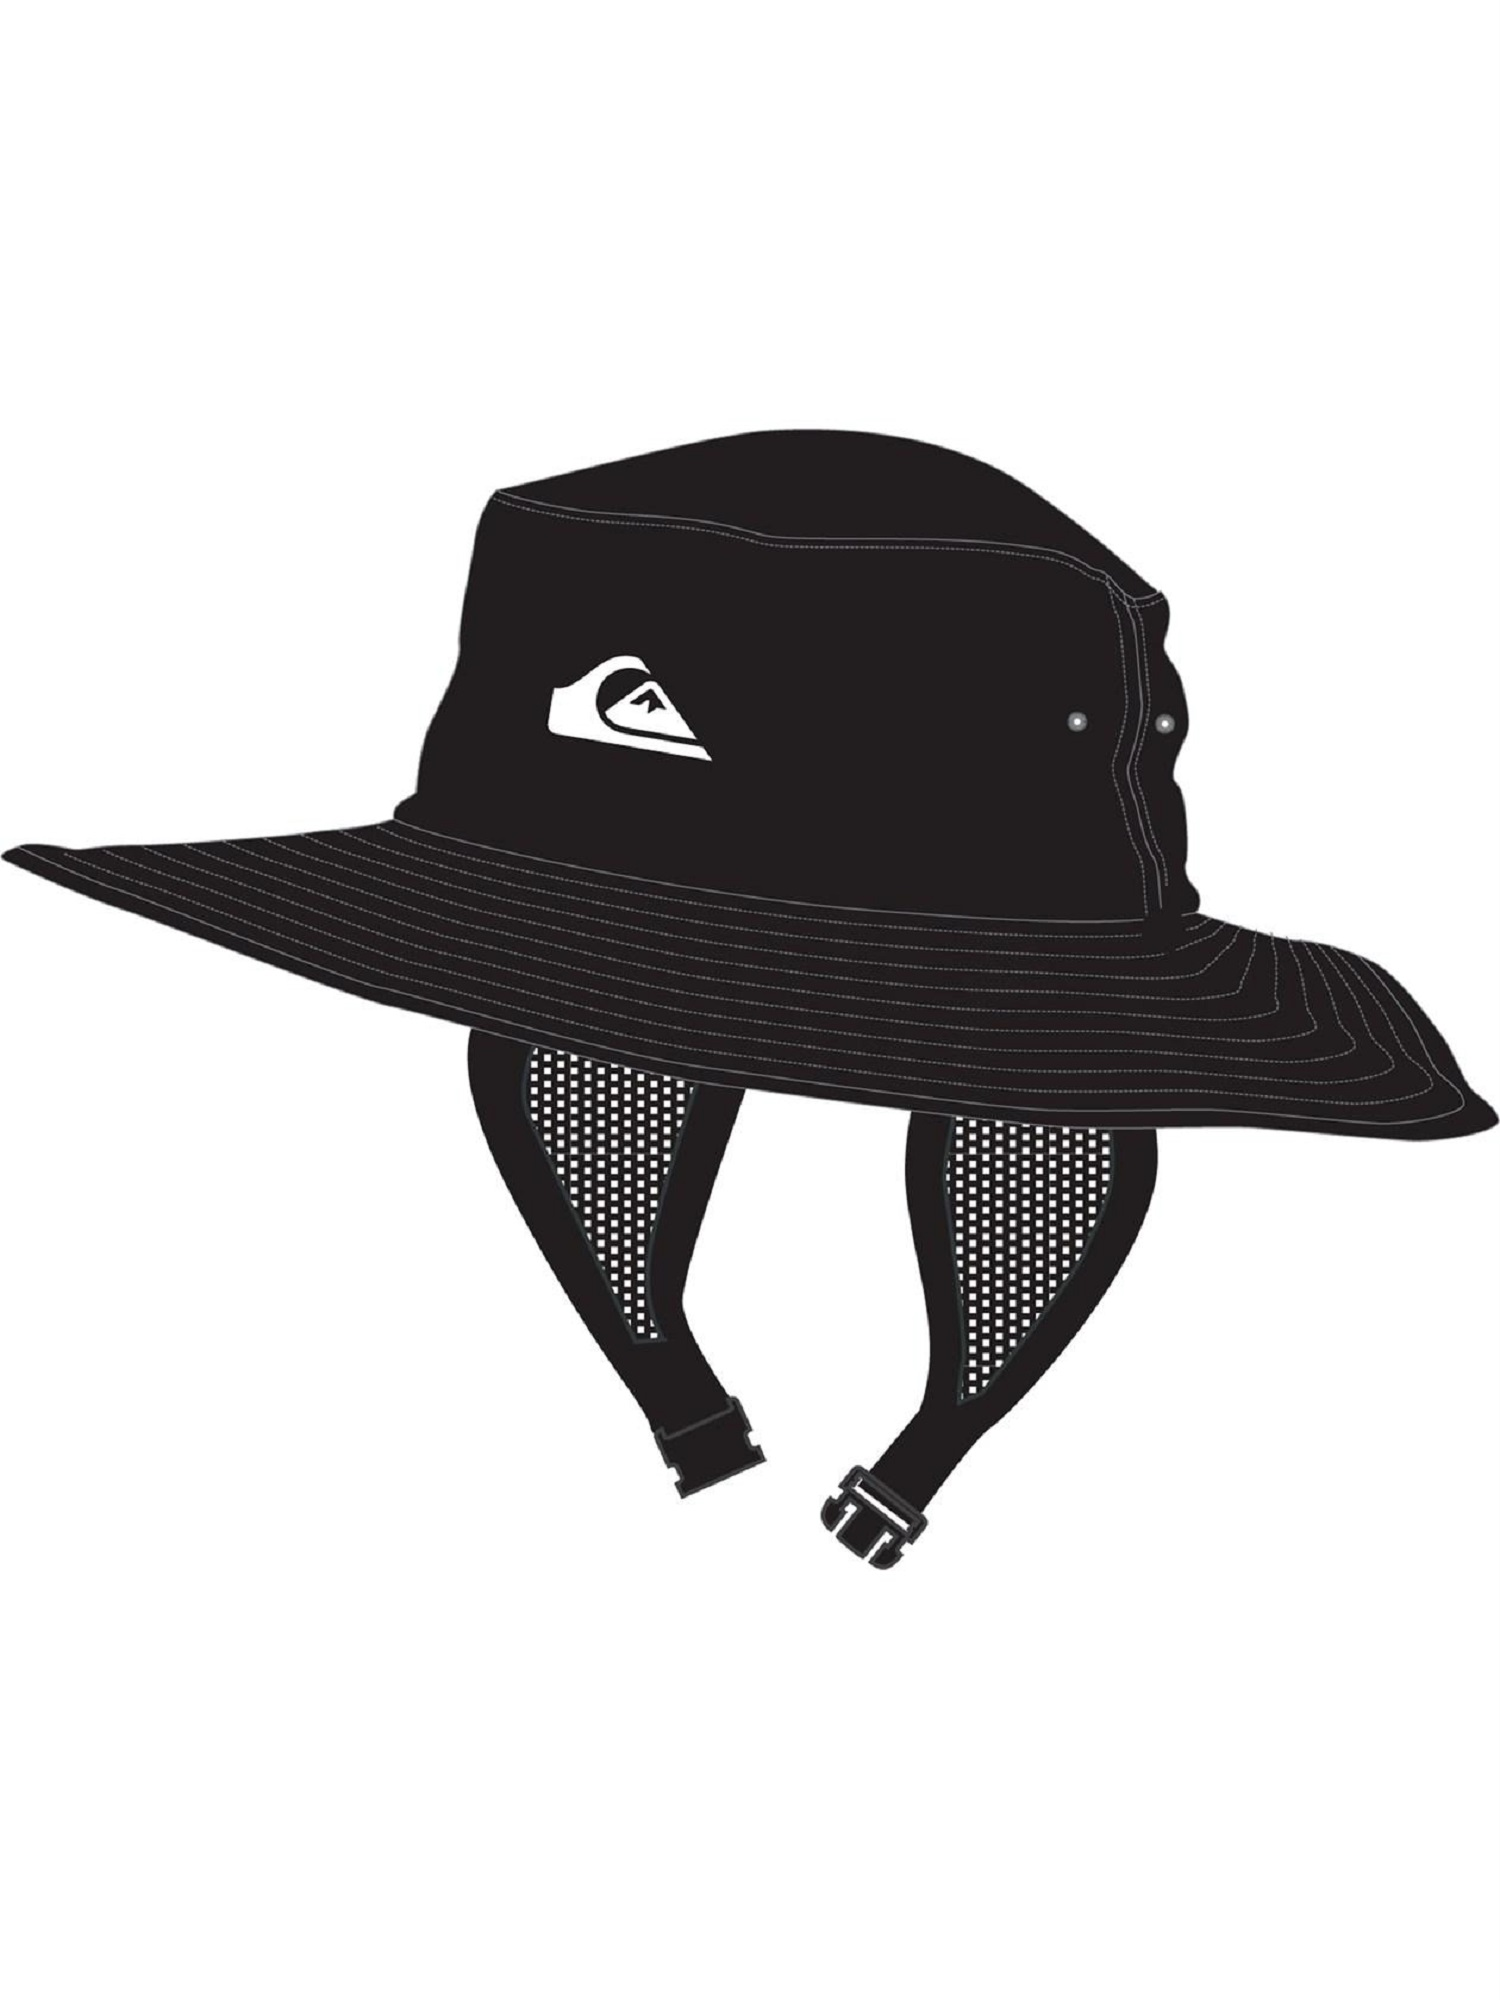 Quiksilver Bushmaster Surf Hat L XL Black - 889351875259 650d99536bd